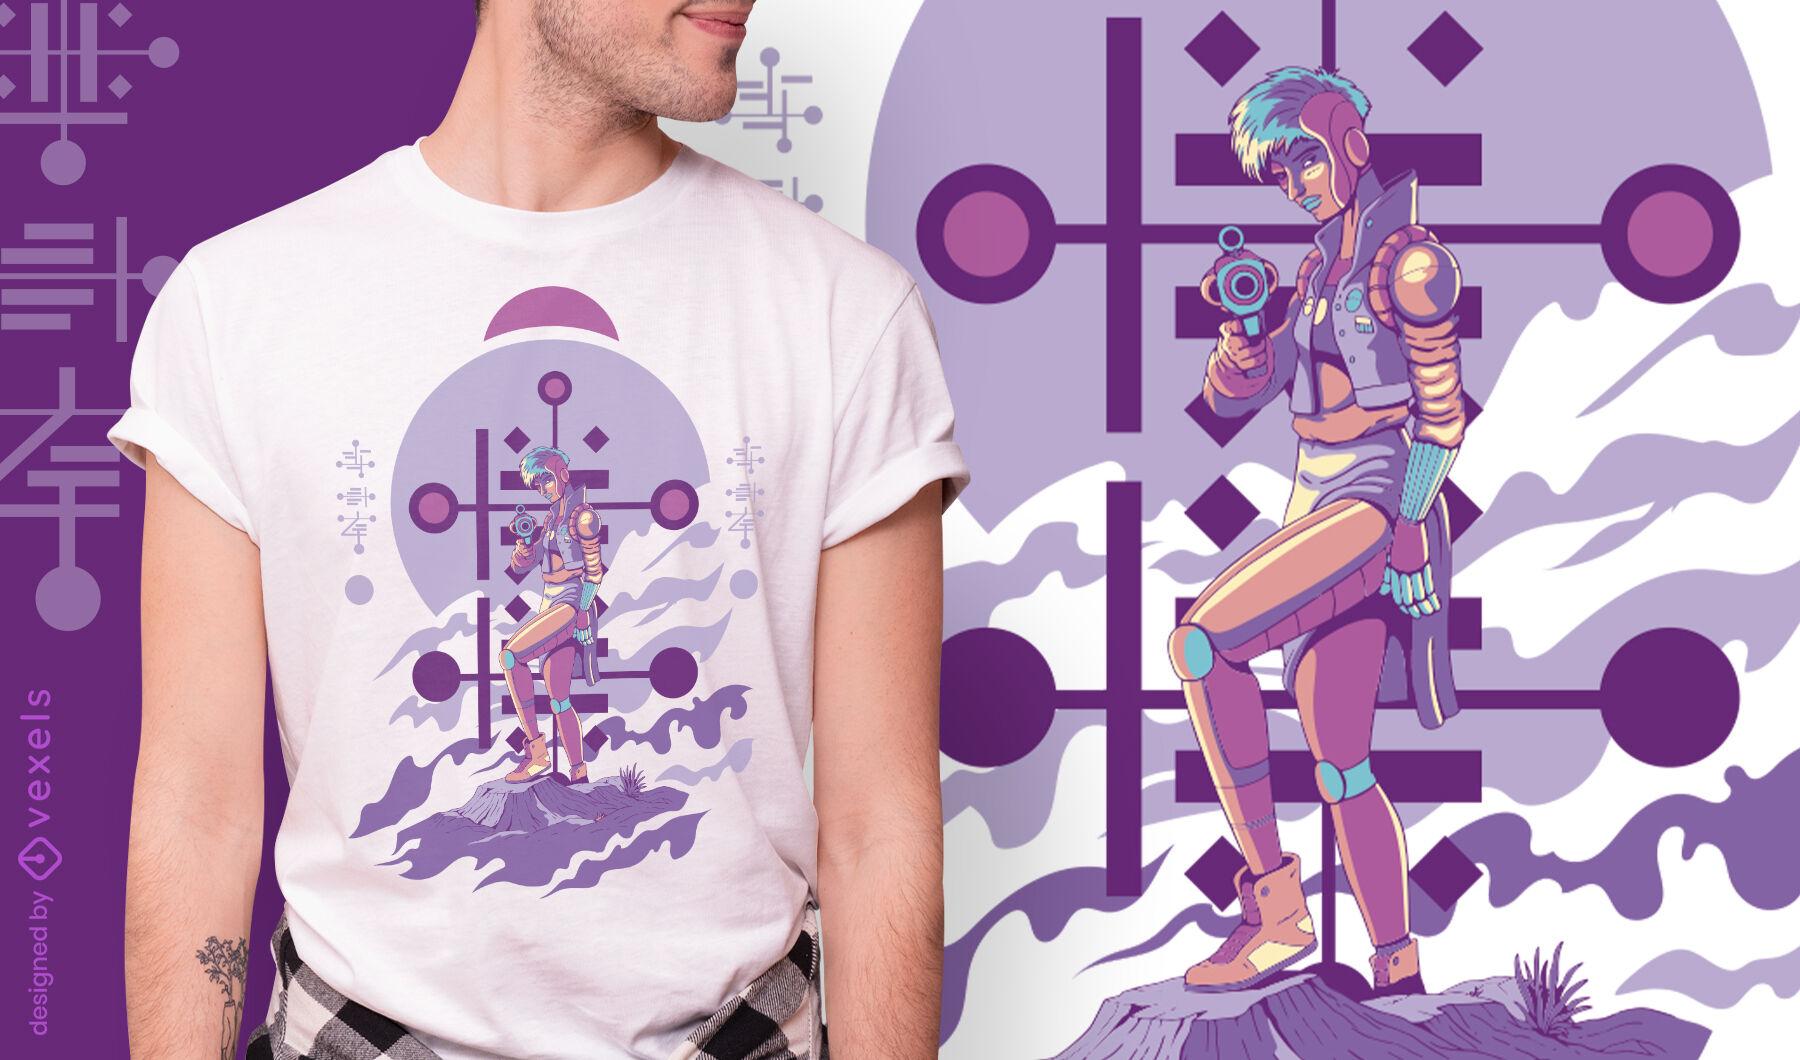 De pie humano como alienígena con diseño de camiseta de pistola